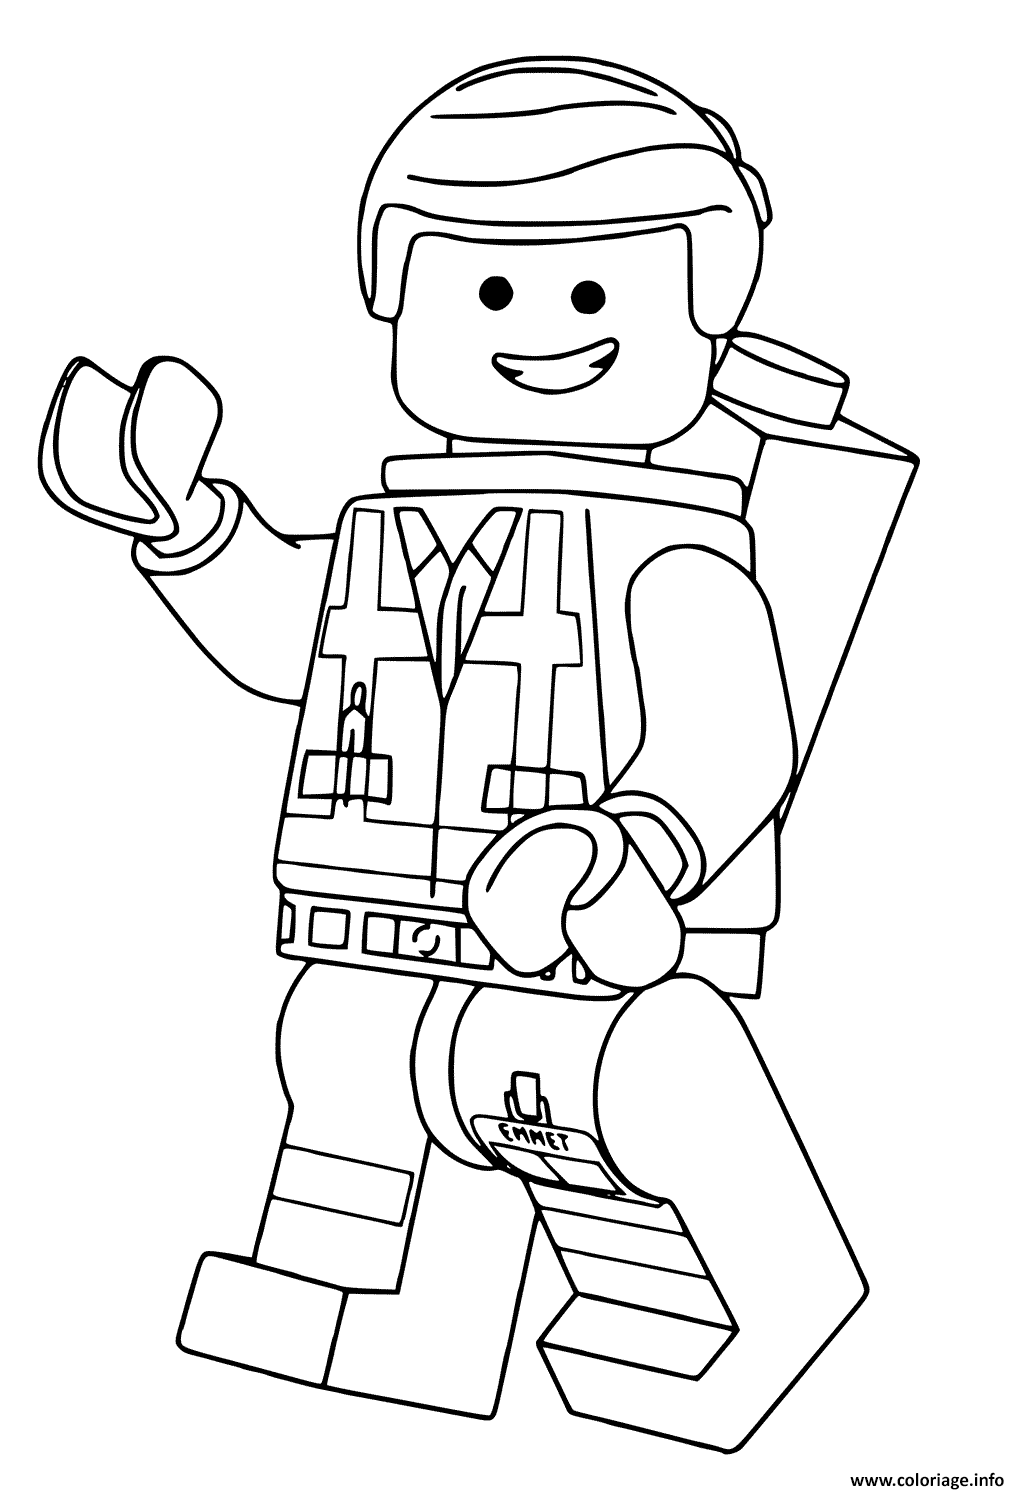 Coloriage Lego Emmet Film Grande Aventure 2 Dessin